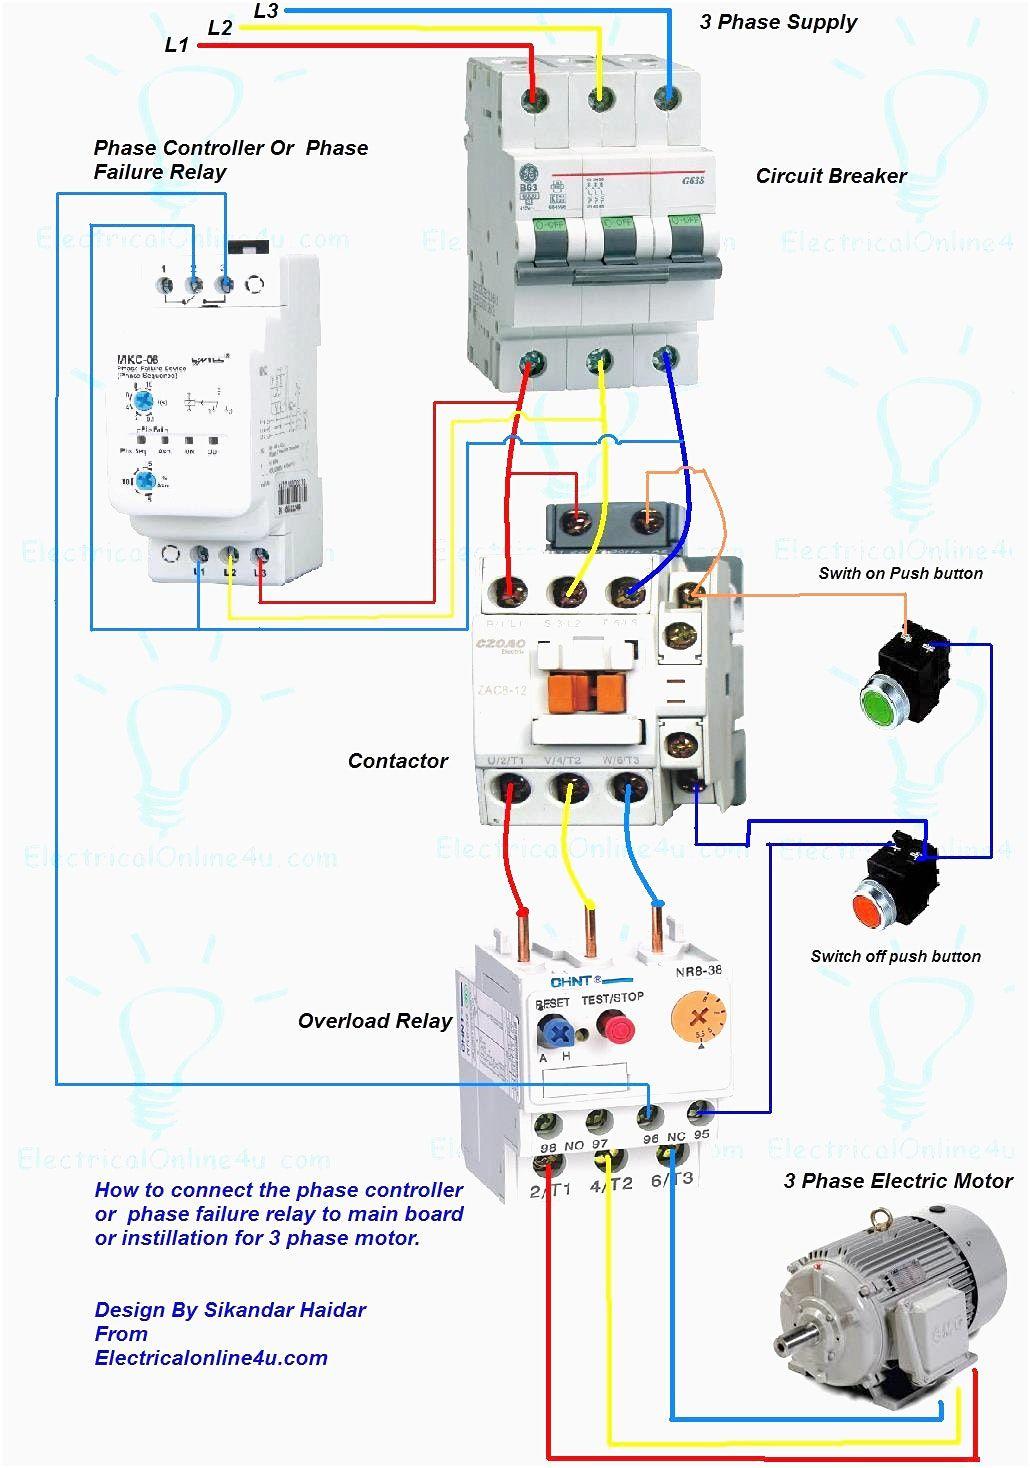 Wiring Diagram For Motor Starter 3 Phase Controller Failure Relay - Three Phase Motor Wiring Diagram